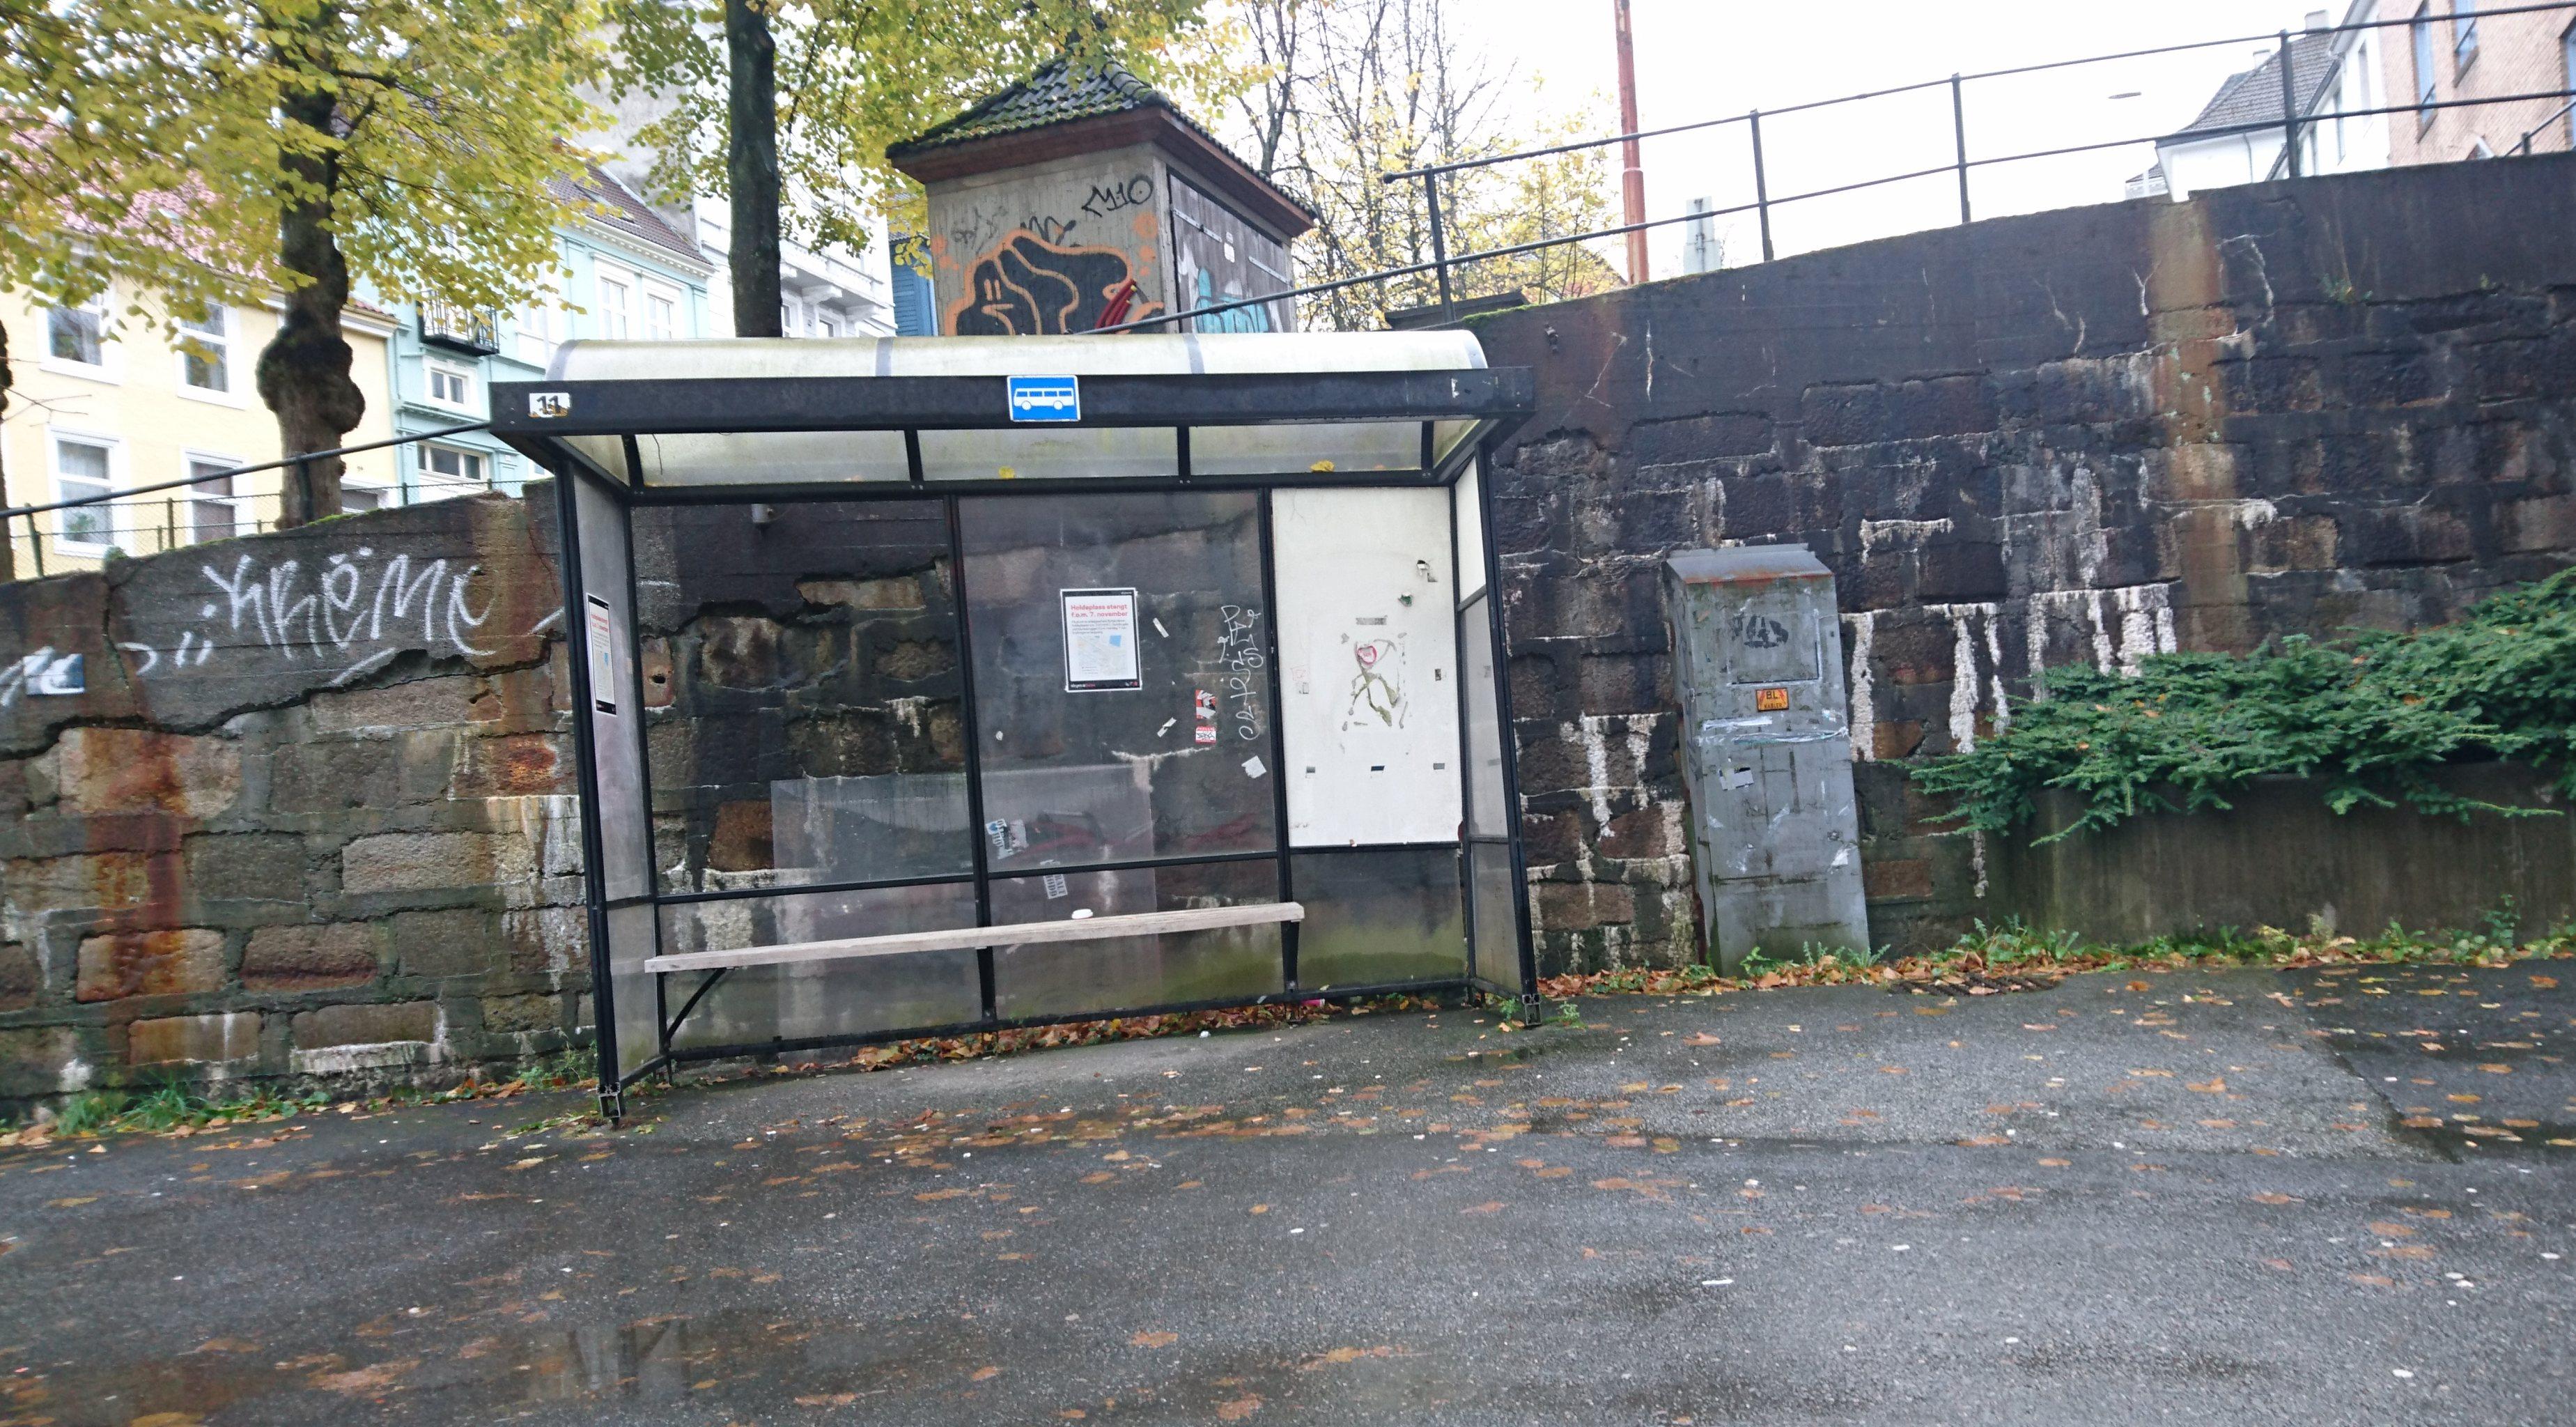 Fra onsdag hjelper det ikke å vente på bussen på dette busstoppet.